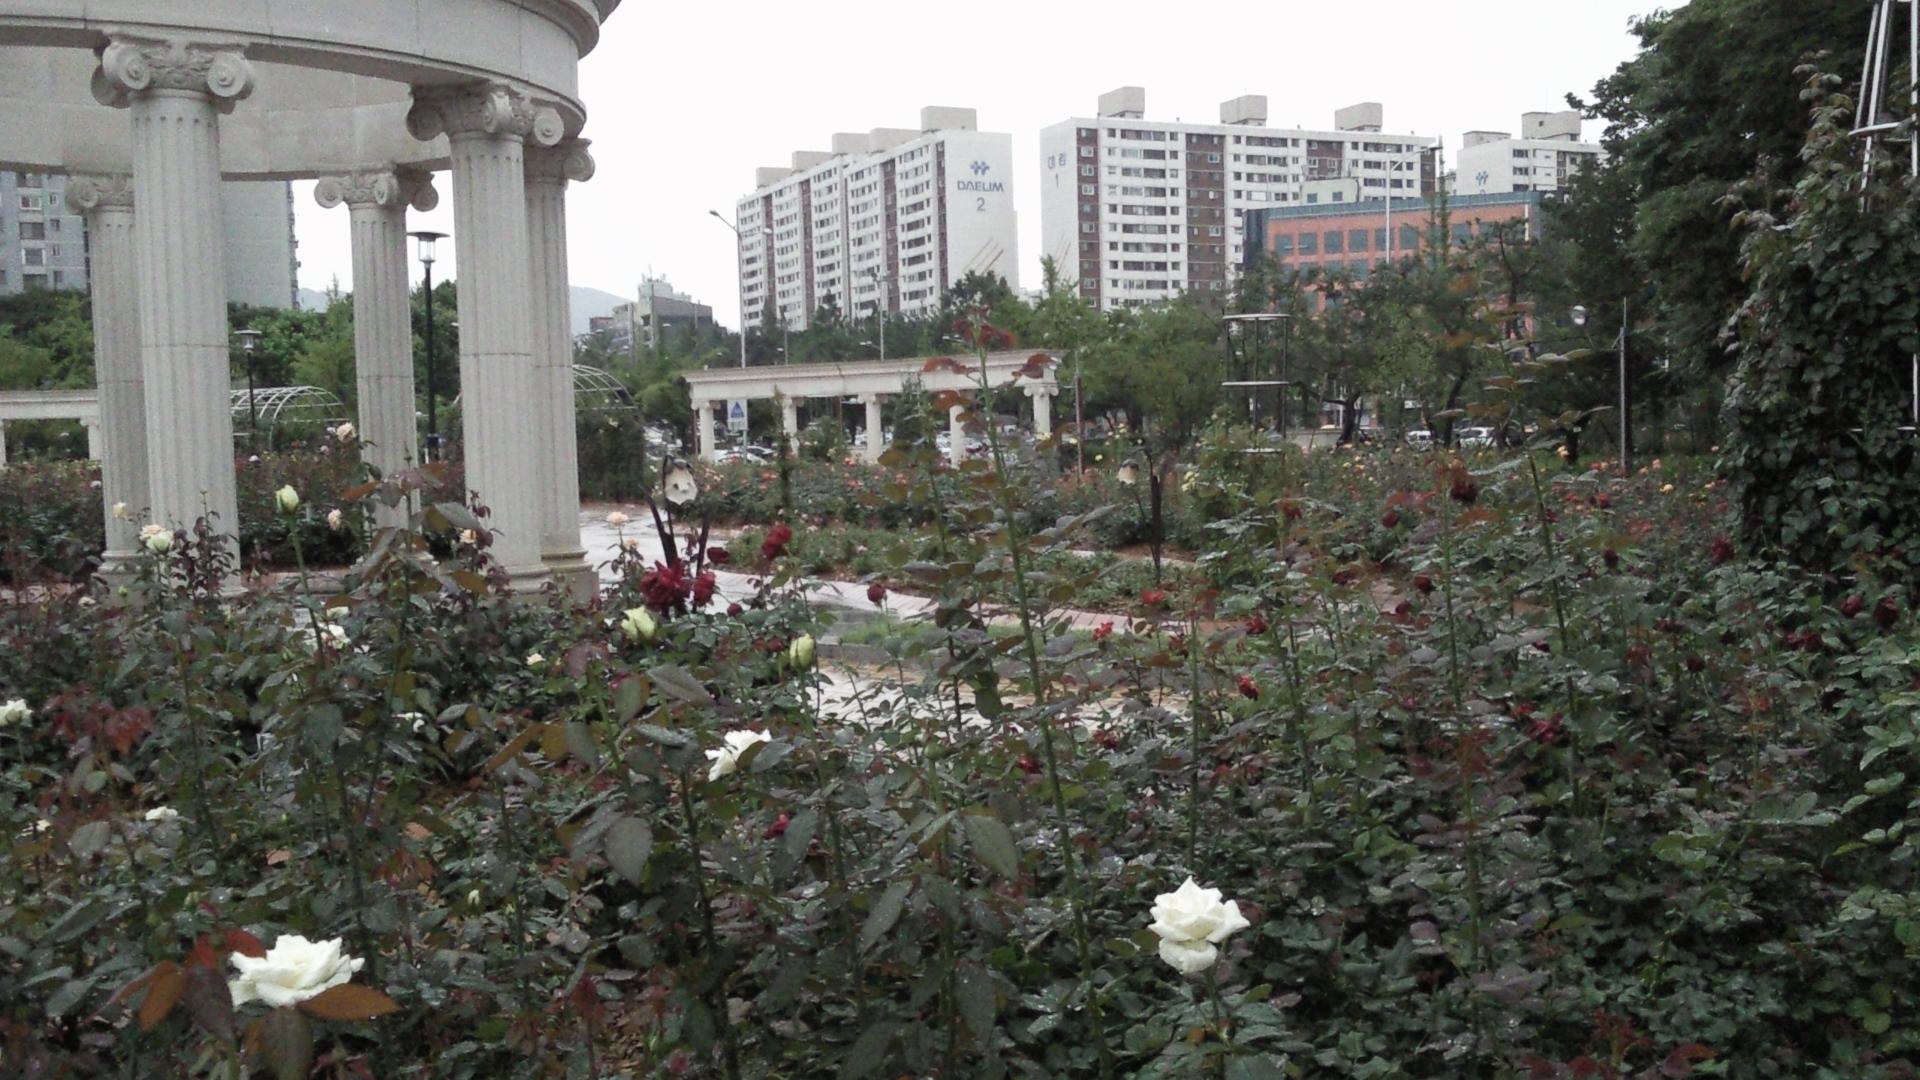 올림픽공원 장미정원